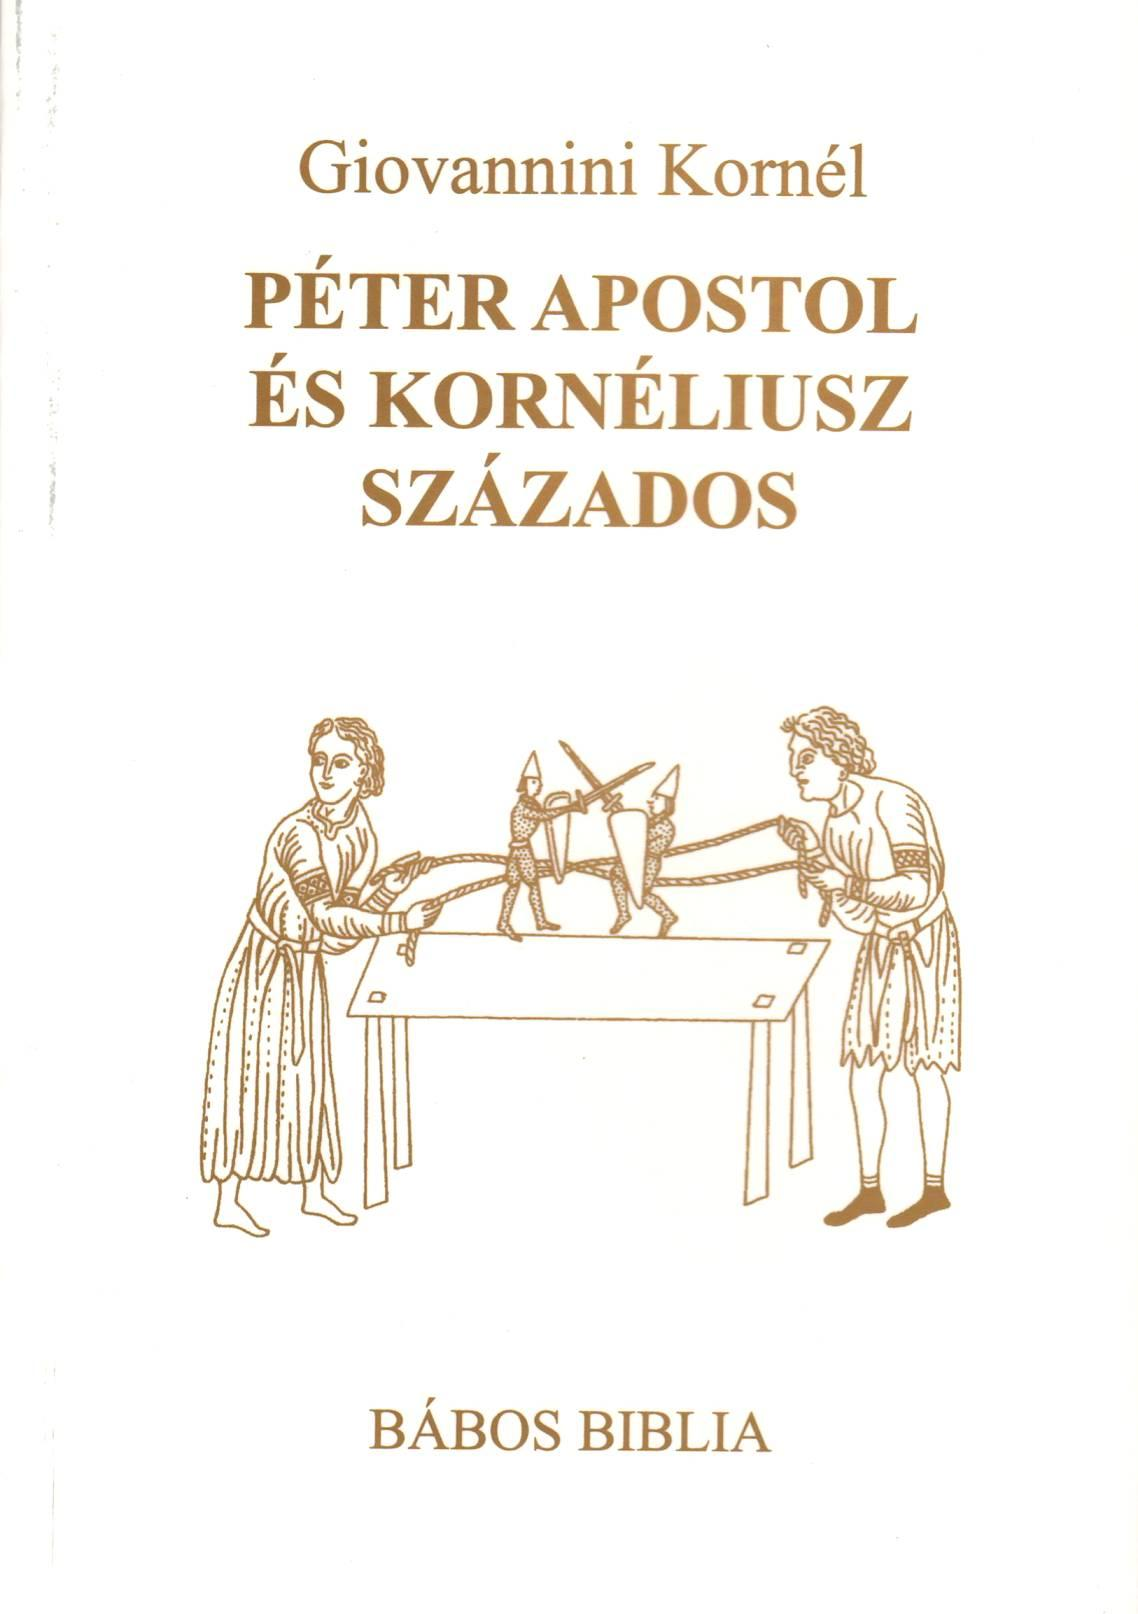 PÉTER APOSTOL ÉS KORNÉLIUSZ SZÁZADOS - BÁBOS BIBLIA